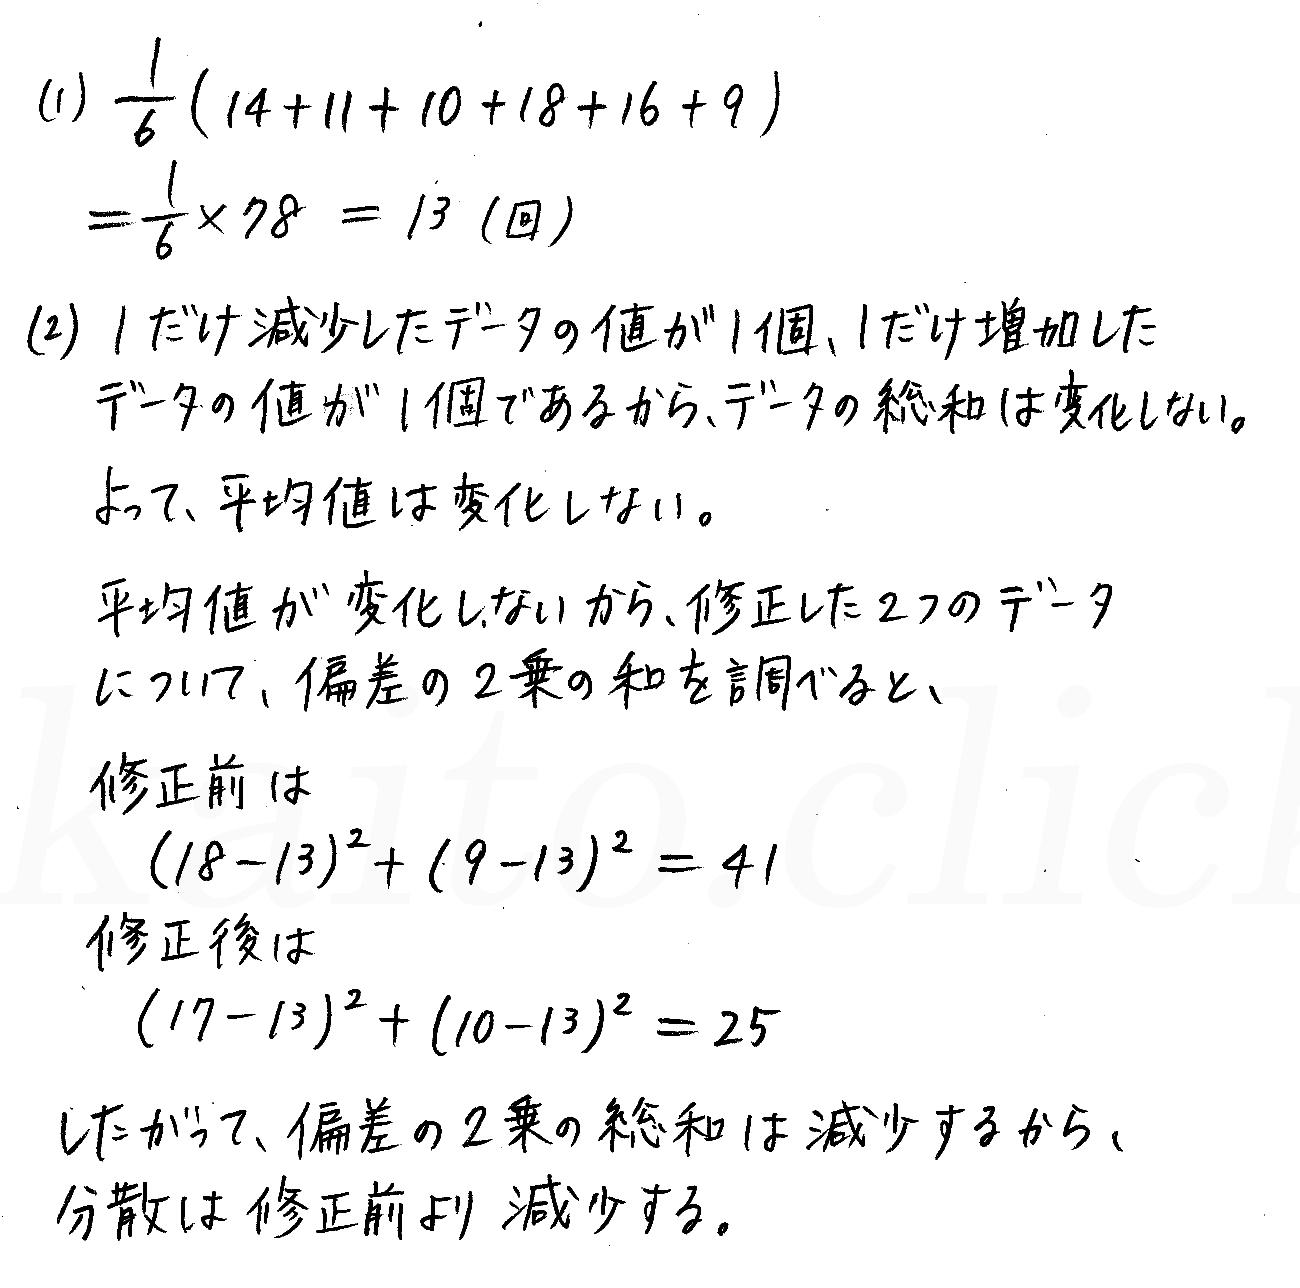 クリアー数学1-370解答